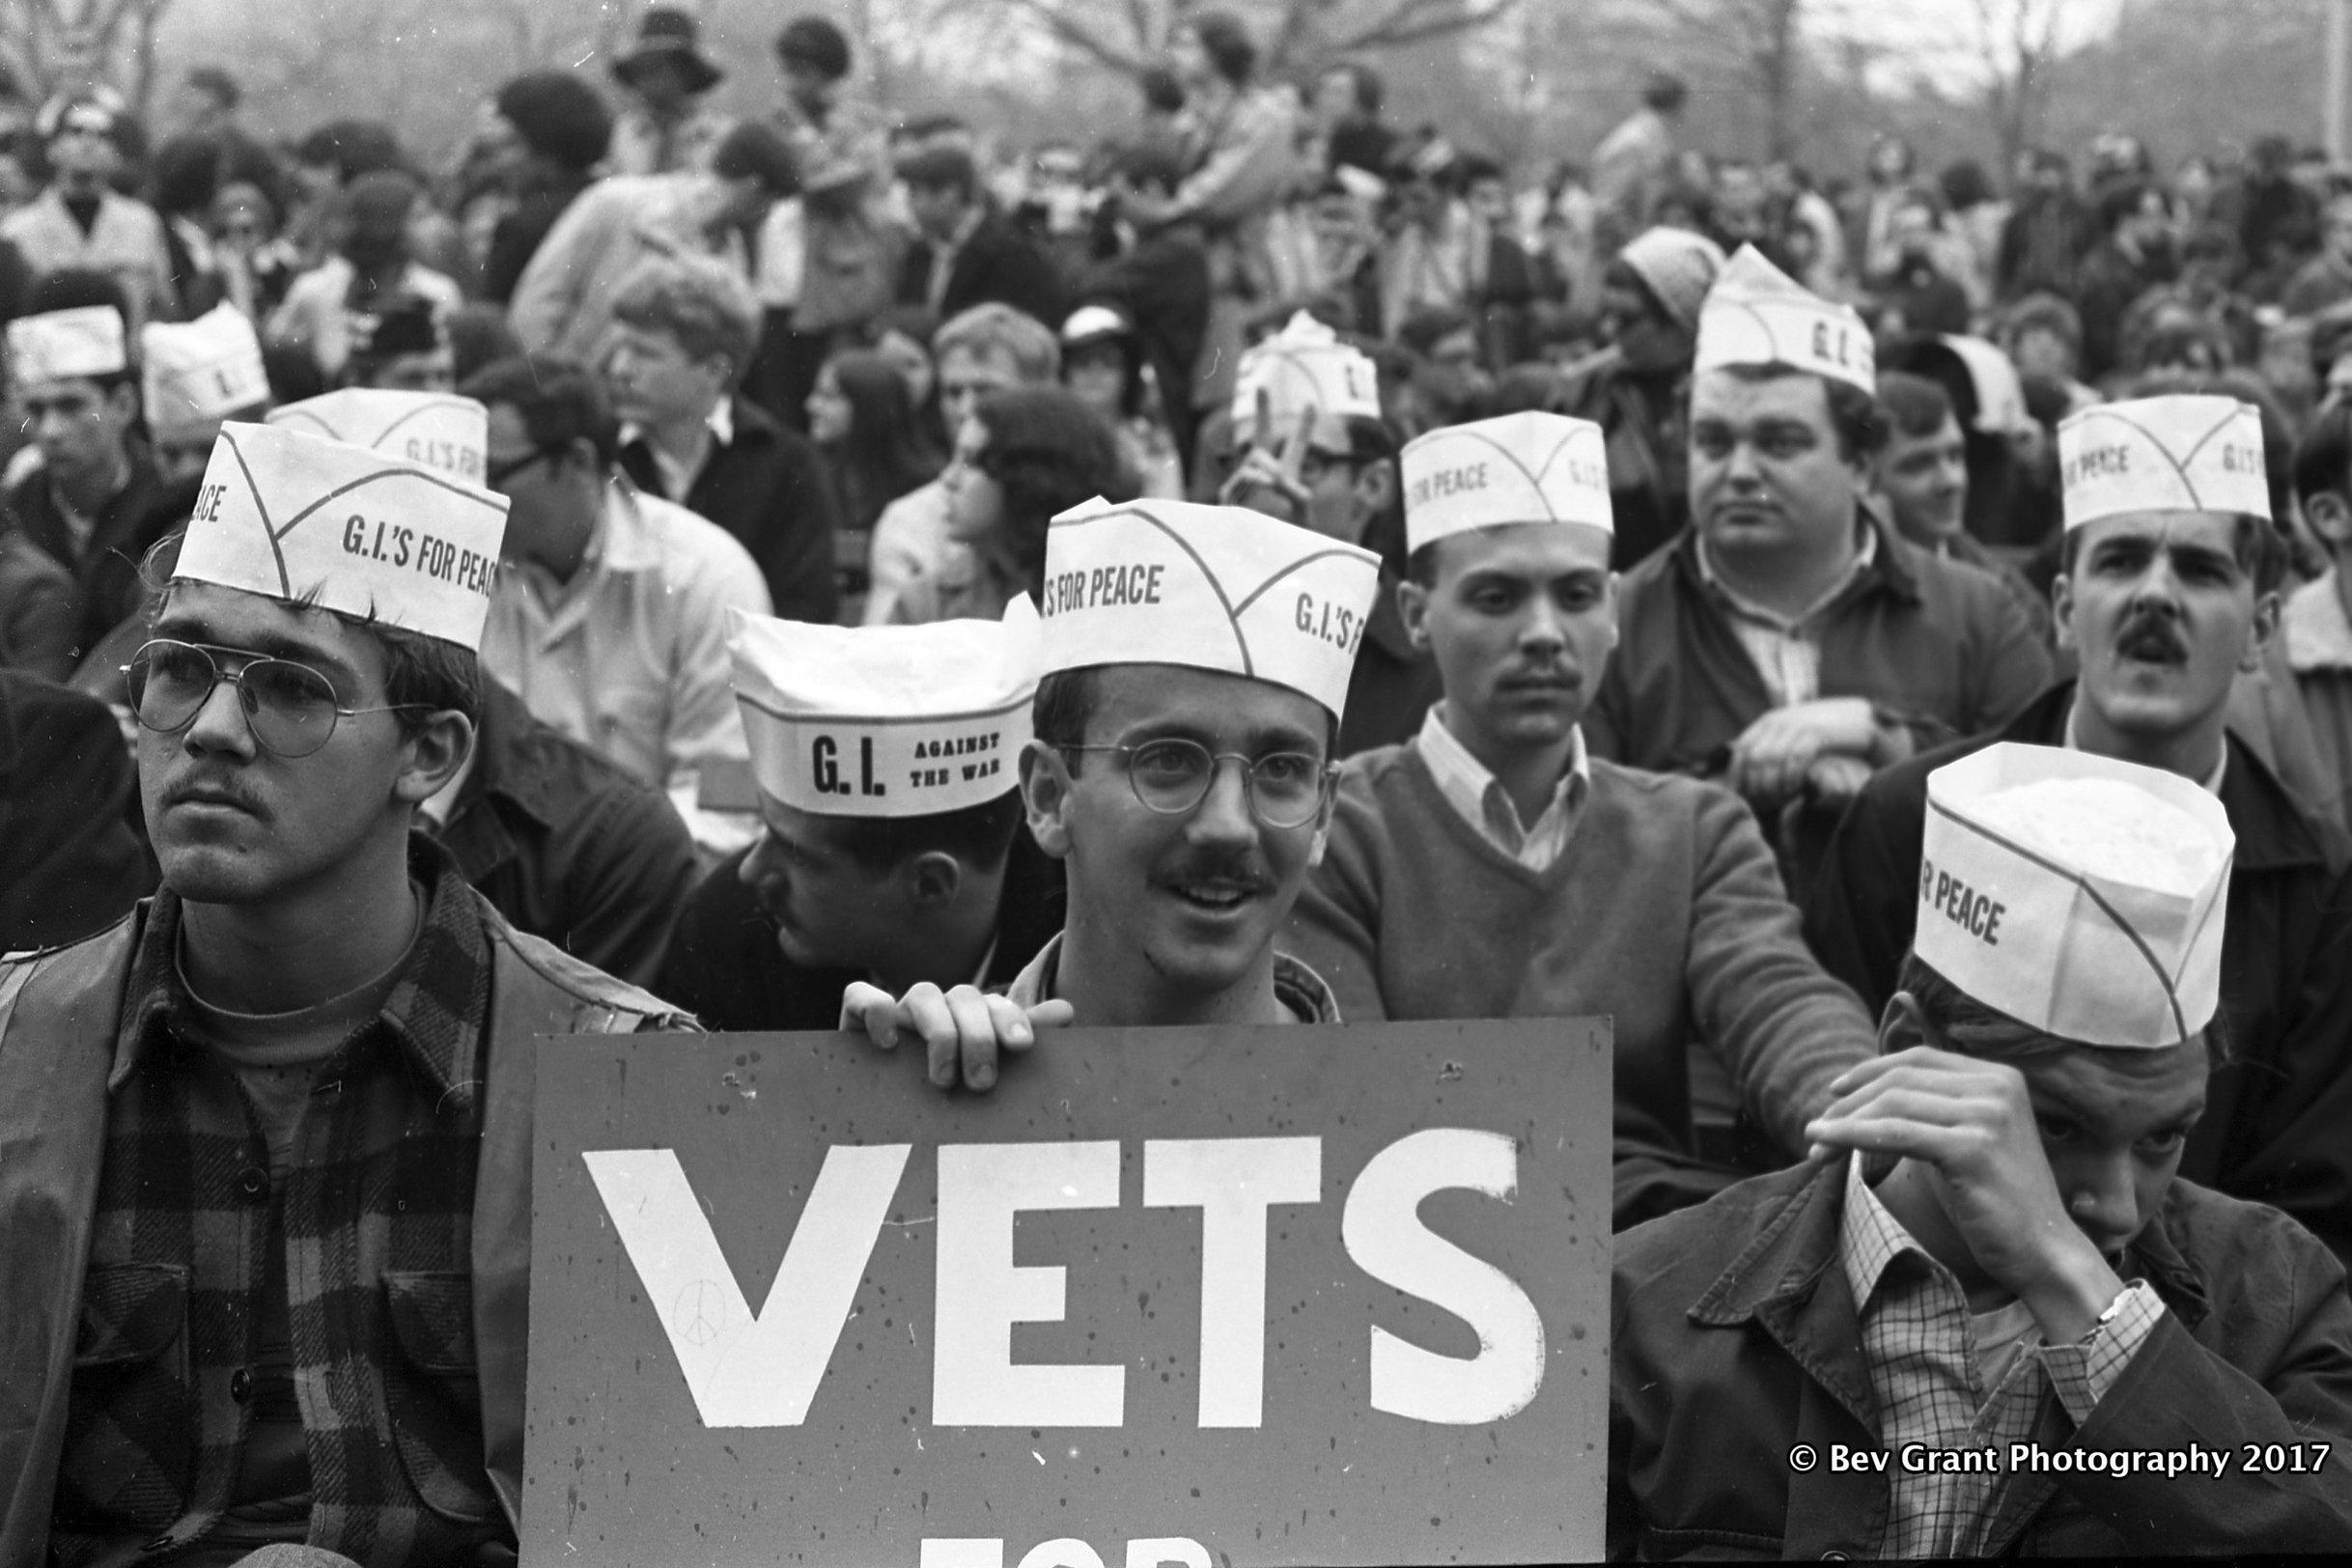 Vietnam Veterans Agains the War